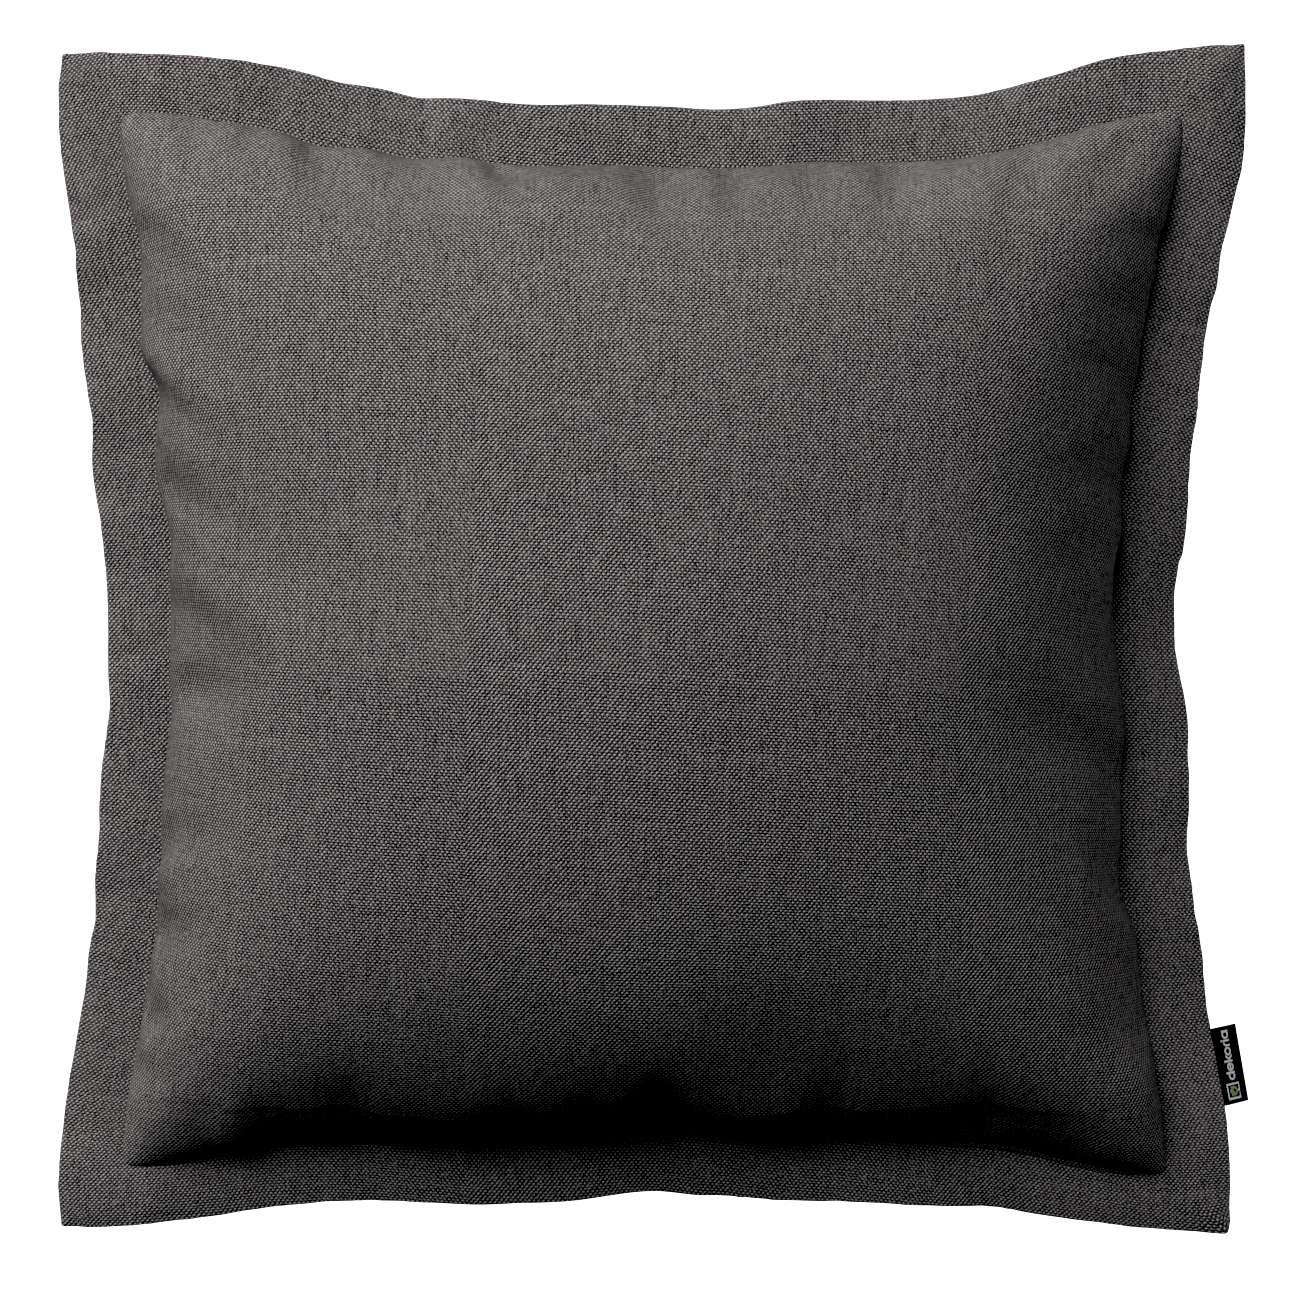 Mona dekoratyvinių pagalvėlių užvalkalas su sienele 38 x 38 cm kolekcijoje Etna , audinys: 705-35